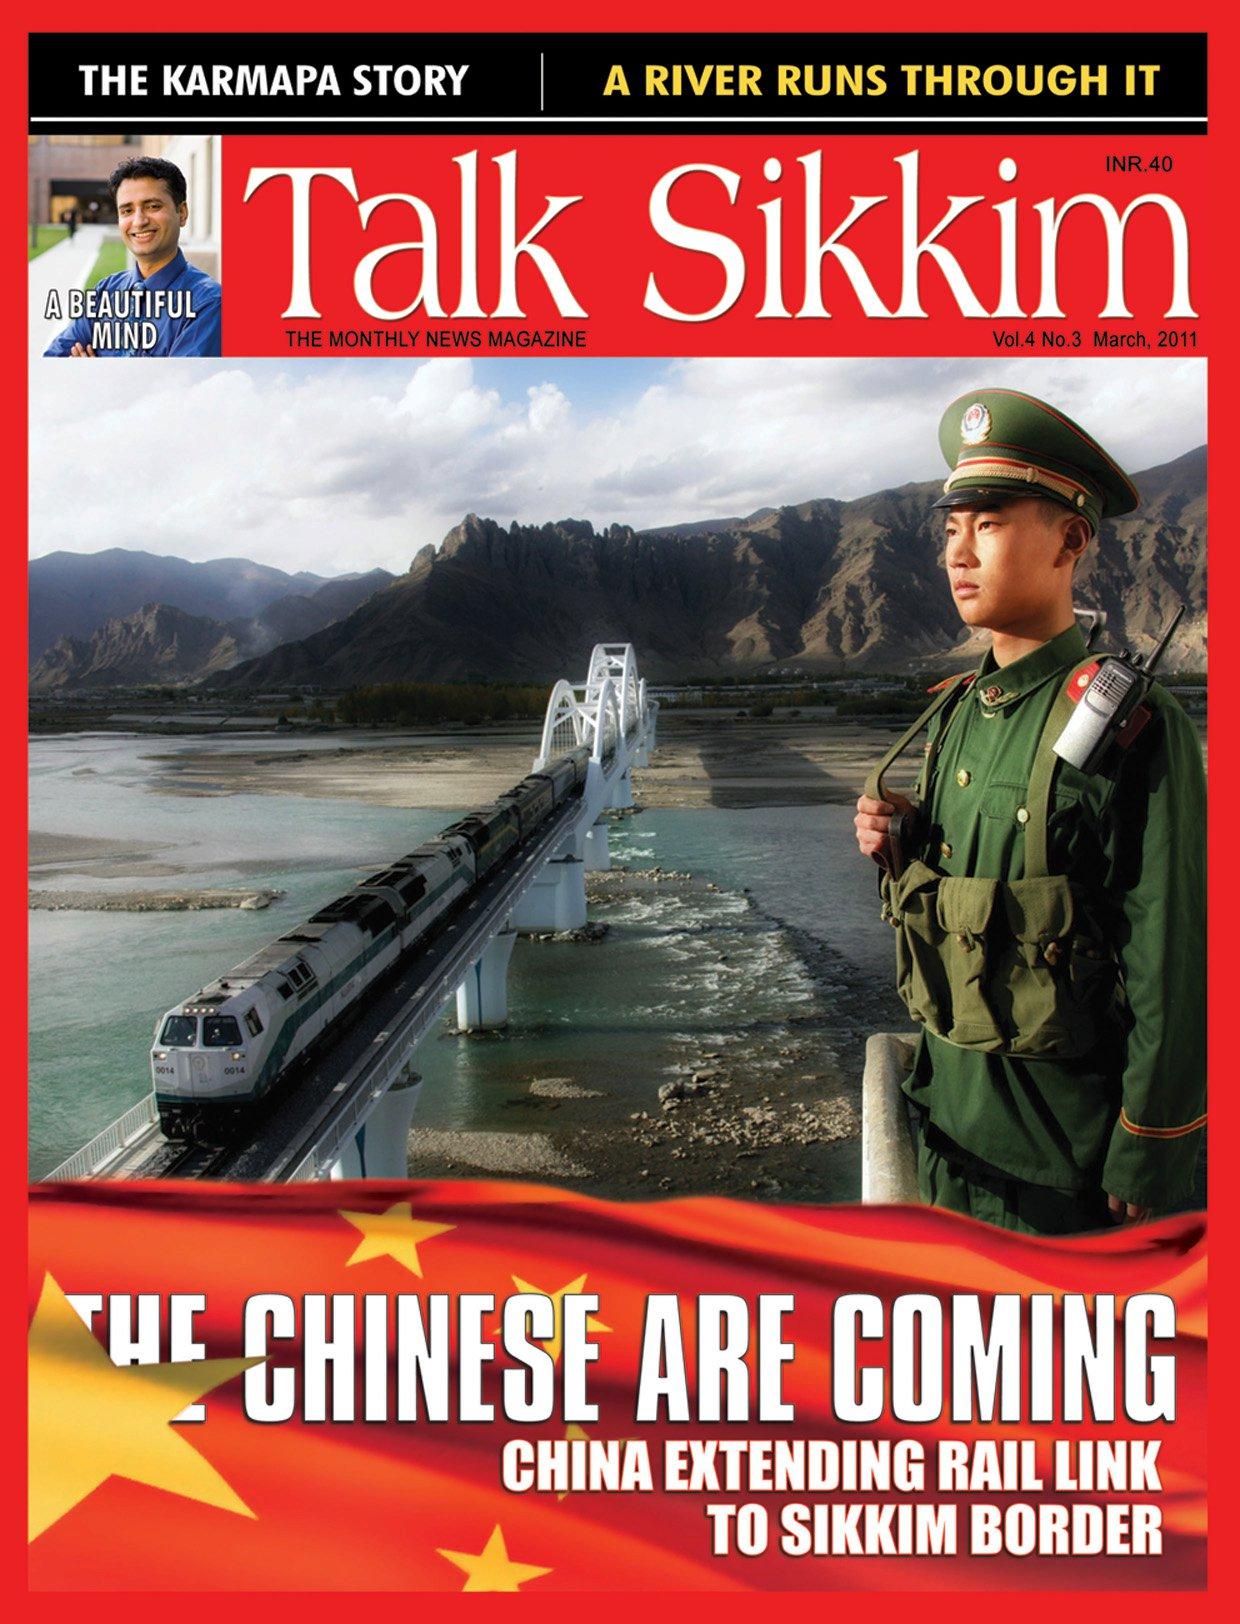 sikkim china india